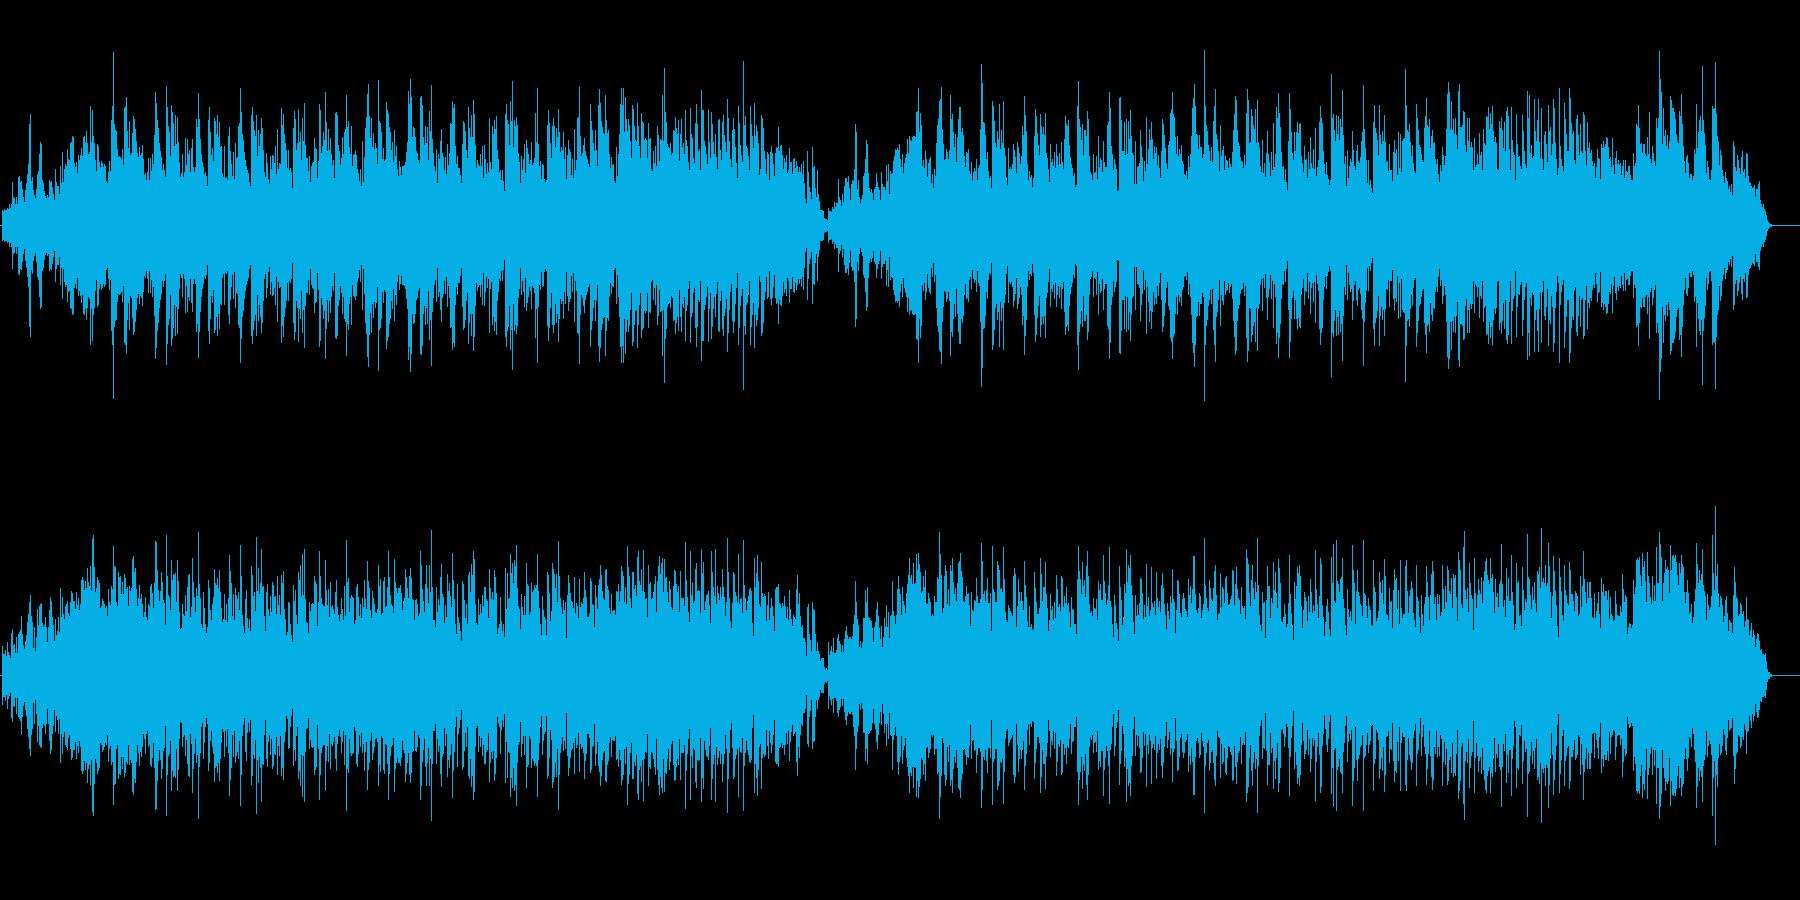 ニューエイジ系 自然の目覚めサウンドの再生済みの波形